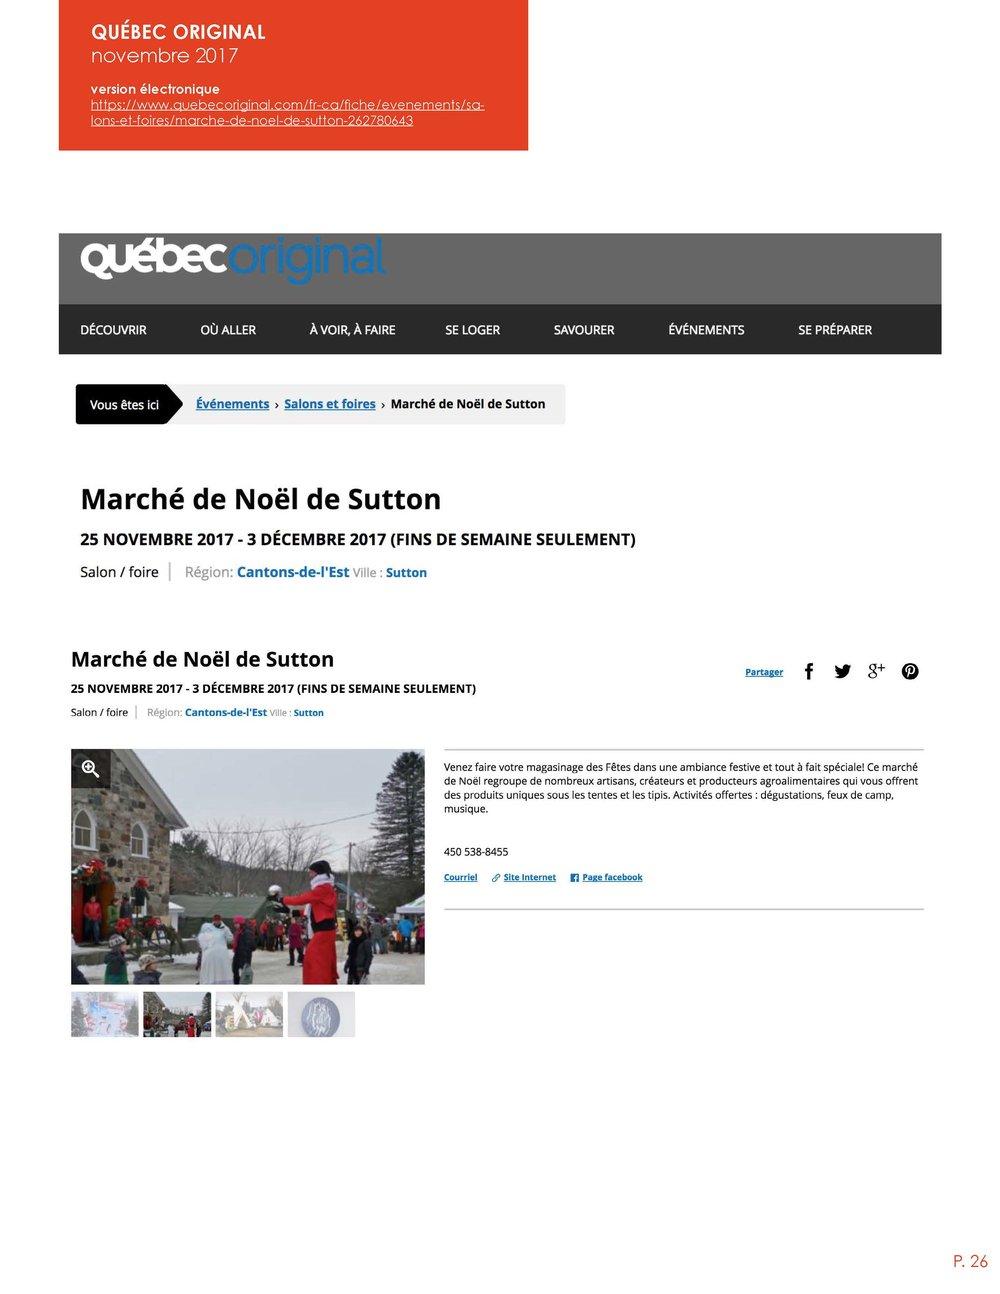 Revue de presse - MARCHÉ DE NOËL SUTTON 2017_Page_26.jpg